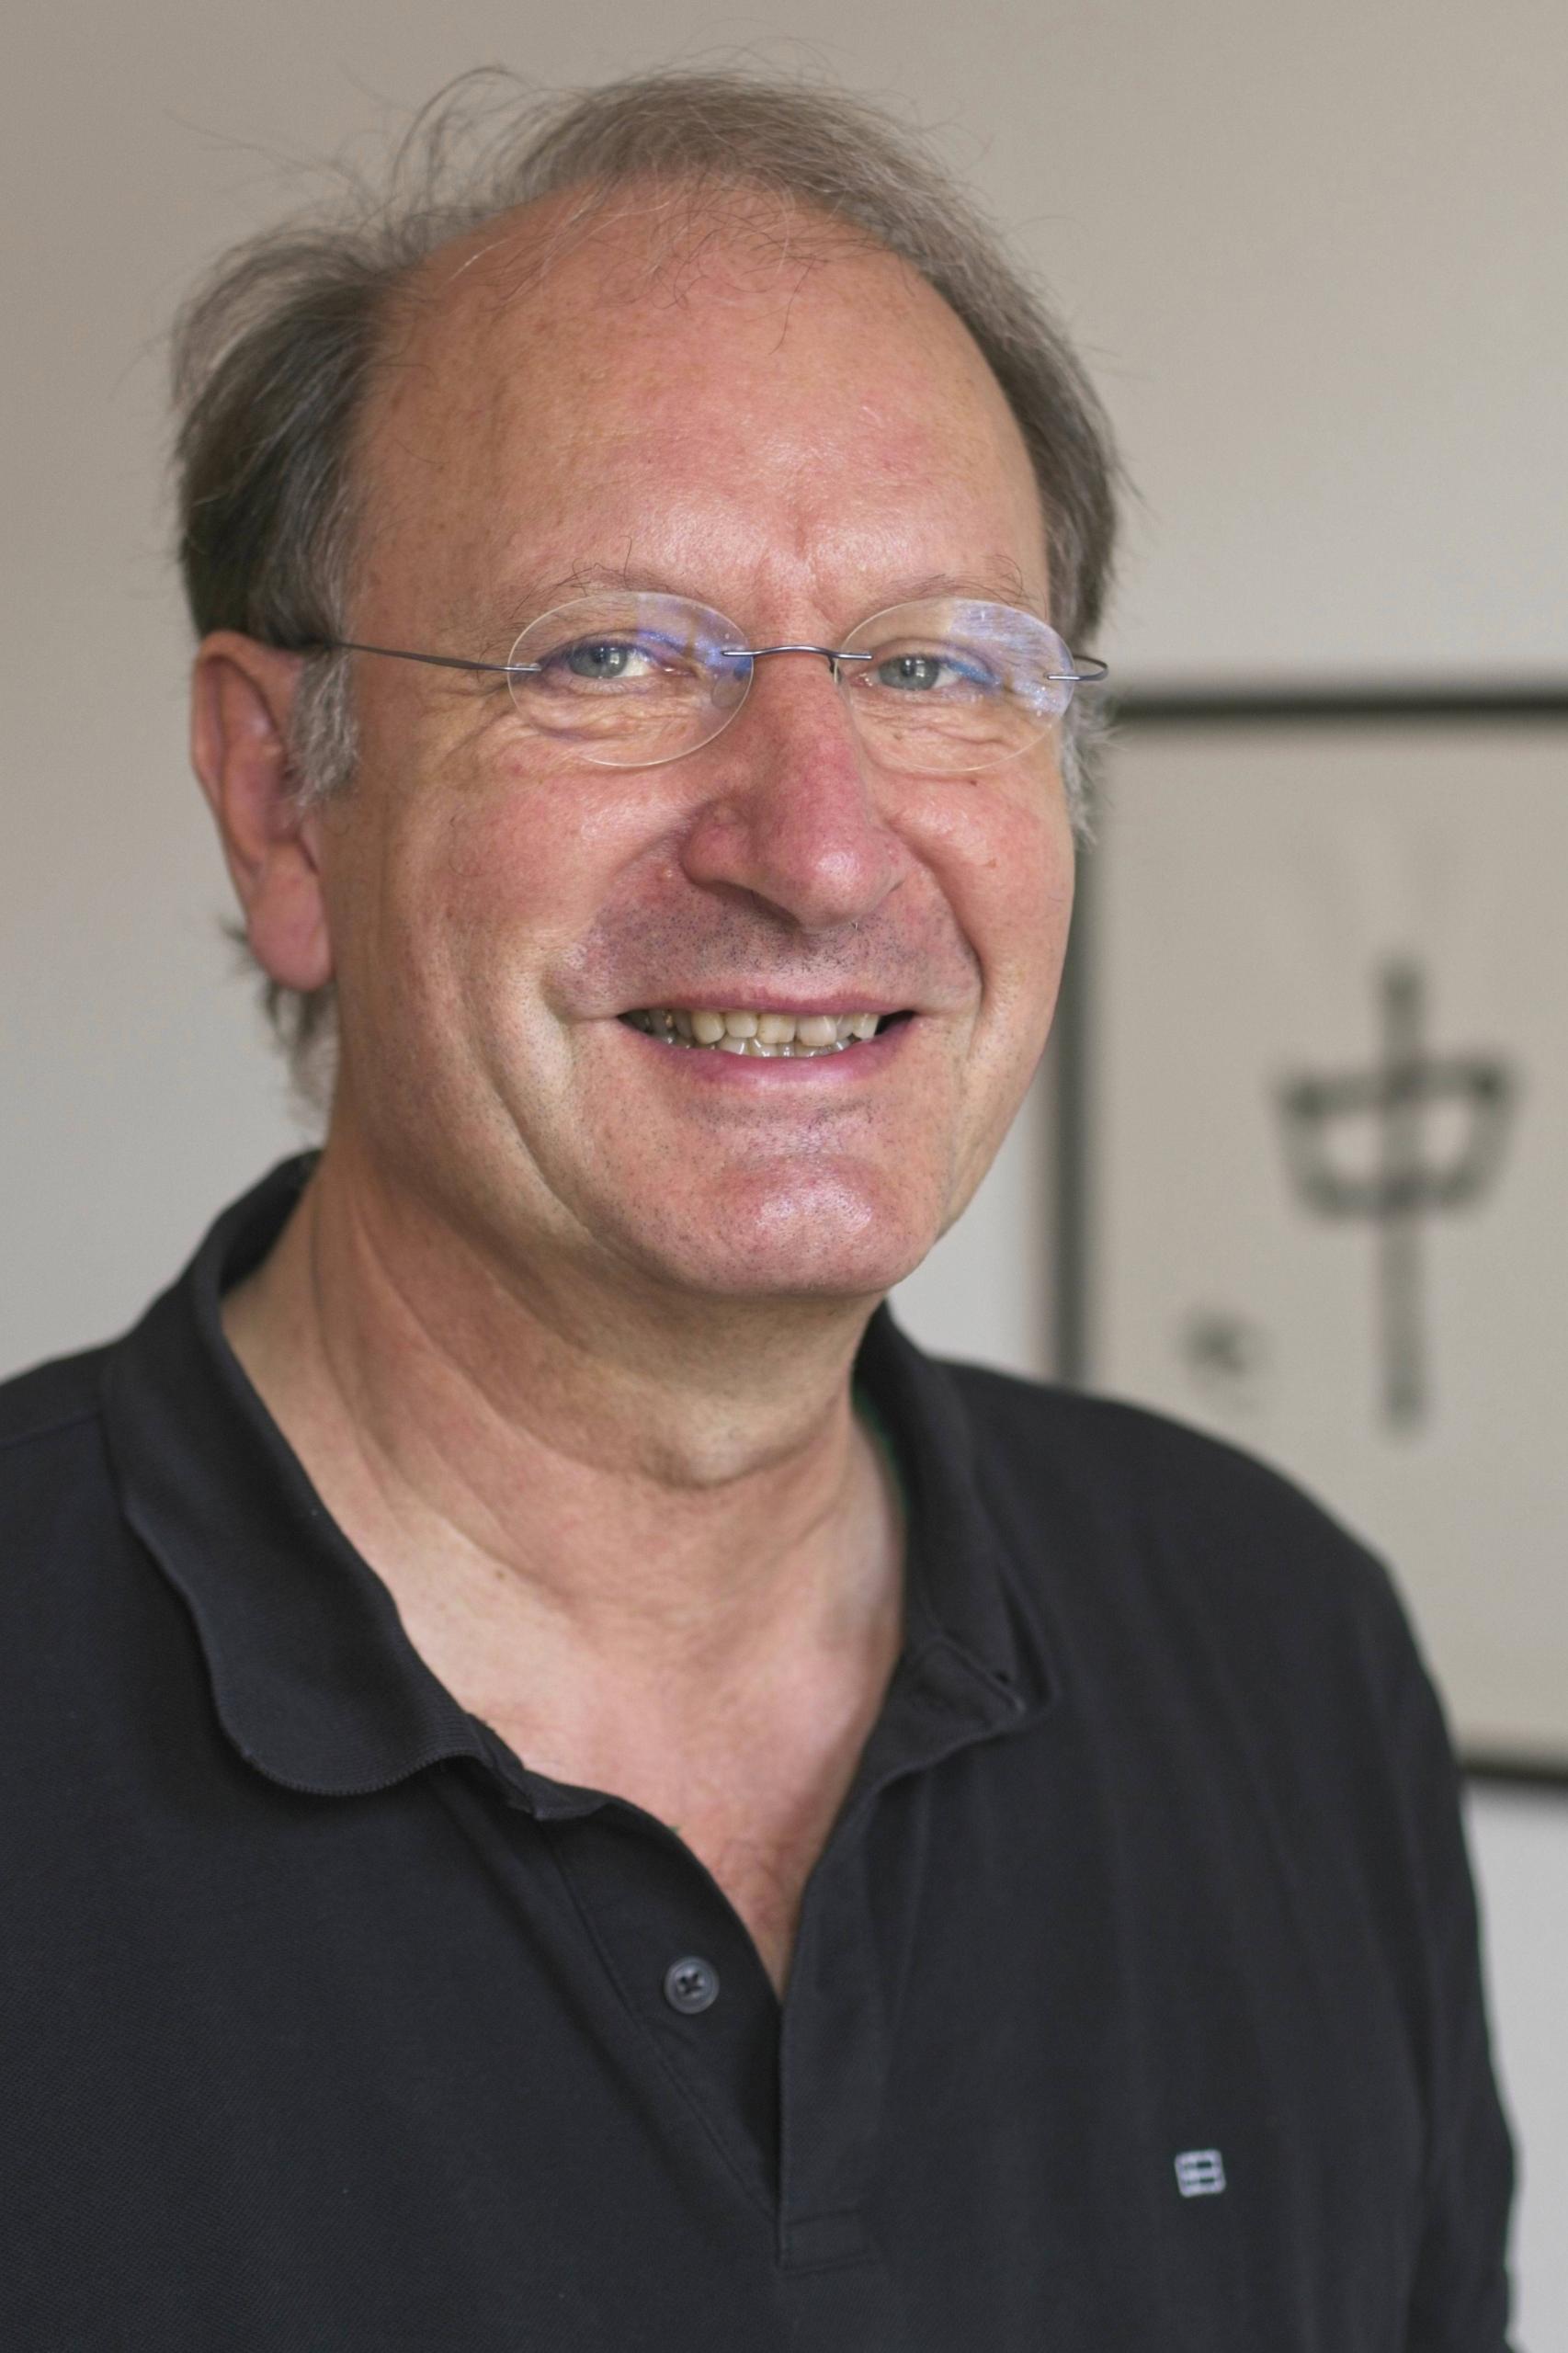 Wolfgang Erhardt